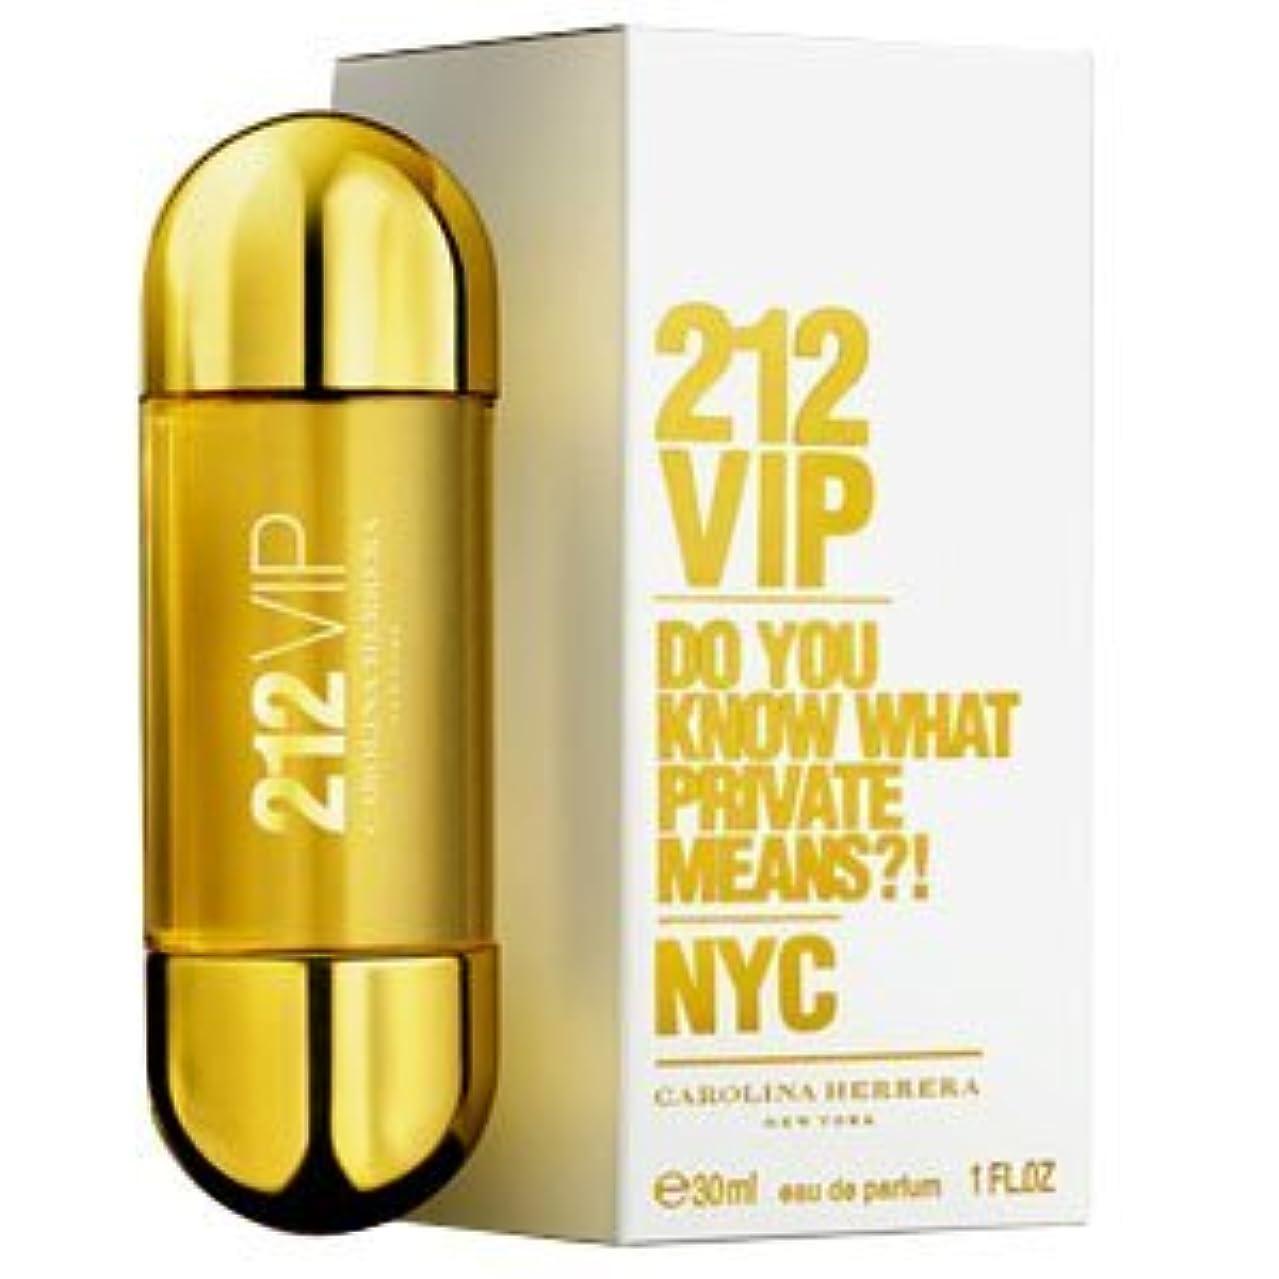 先生インスタンス老朽化したキャロライナ ヘレラ 香水 212VIP EP 30ml SP 【並行輸入品】